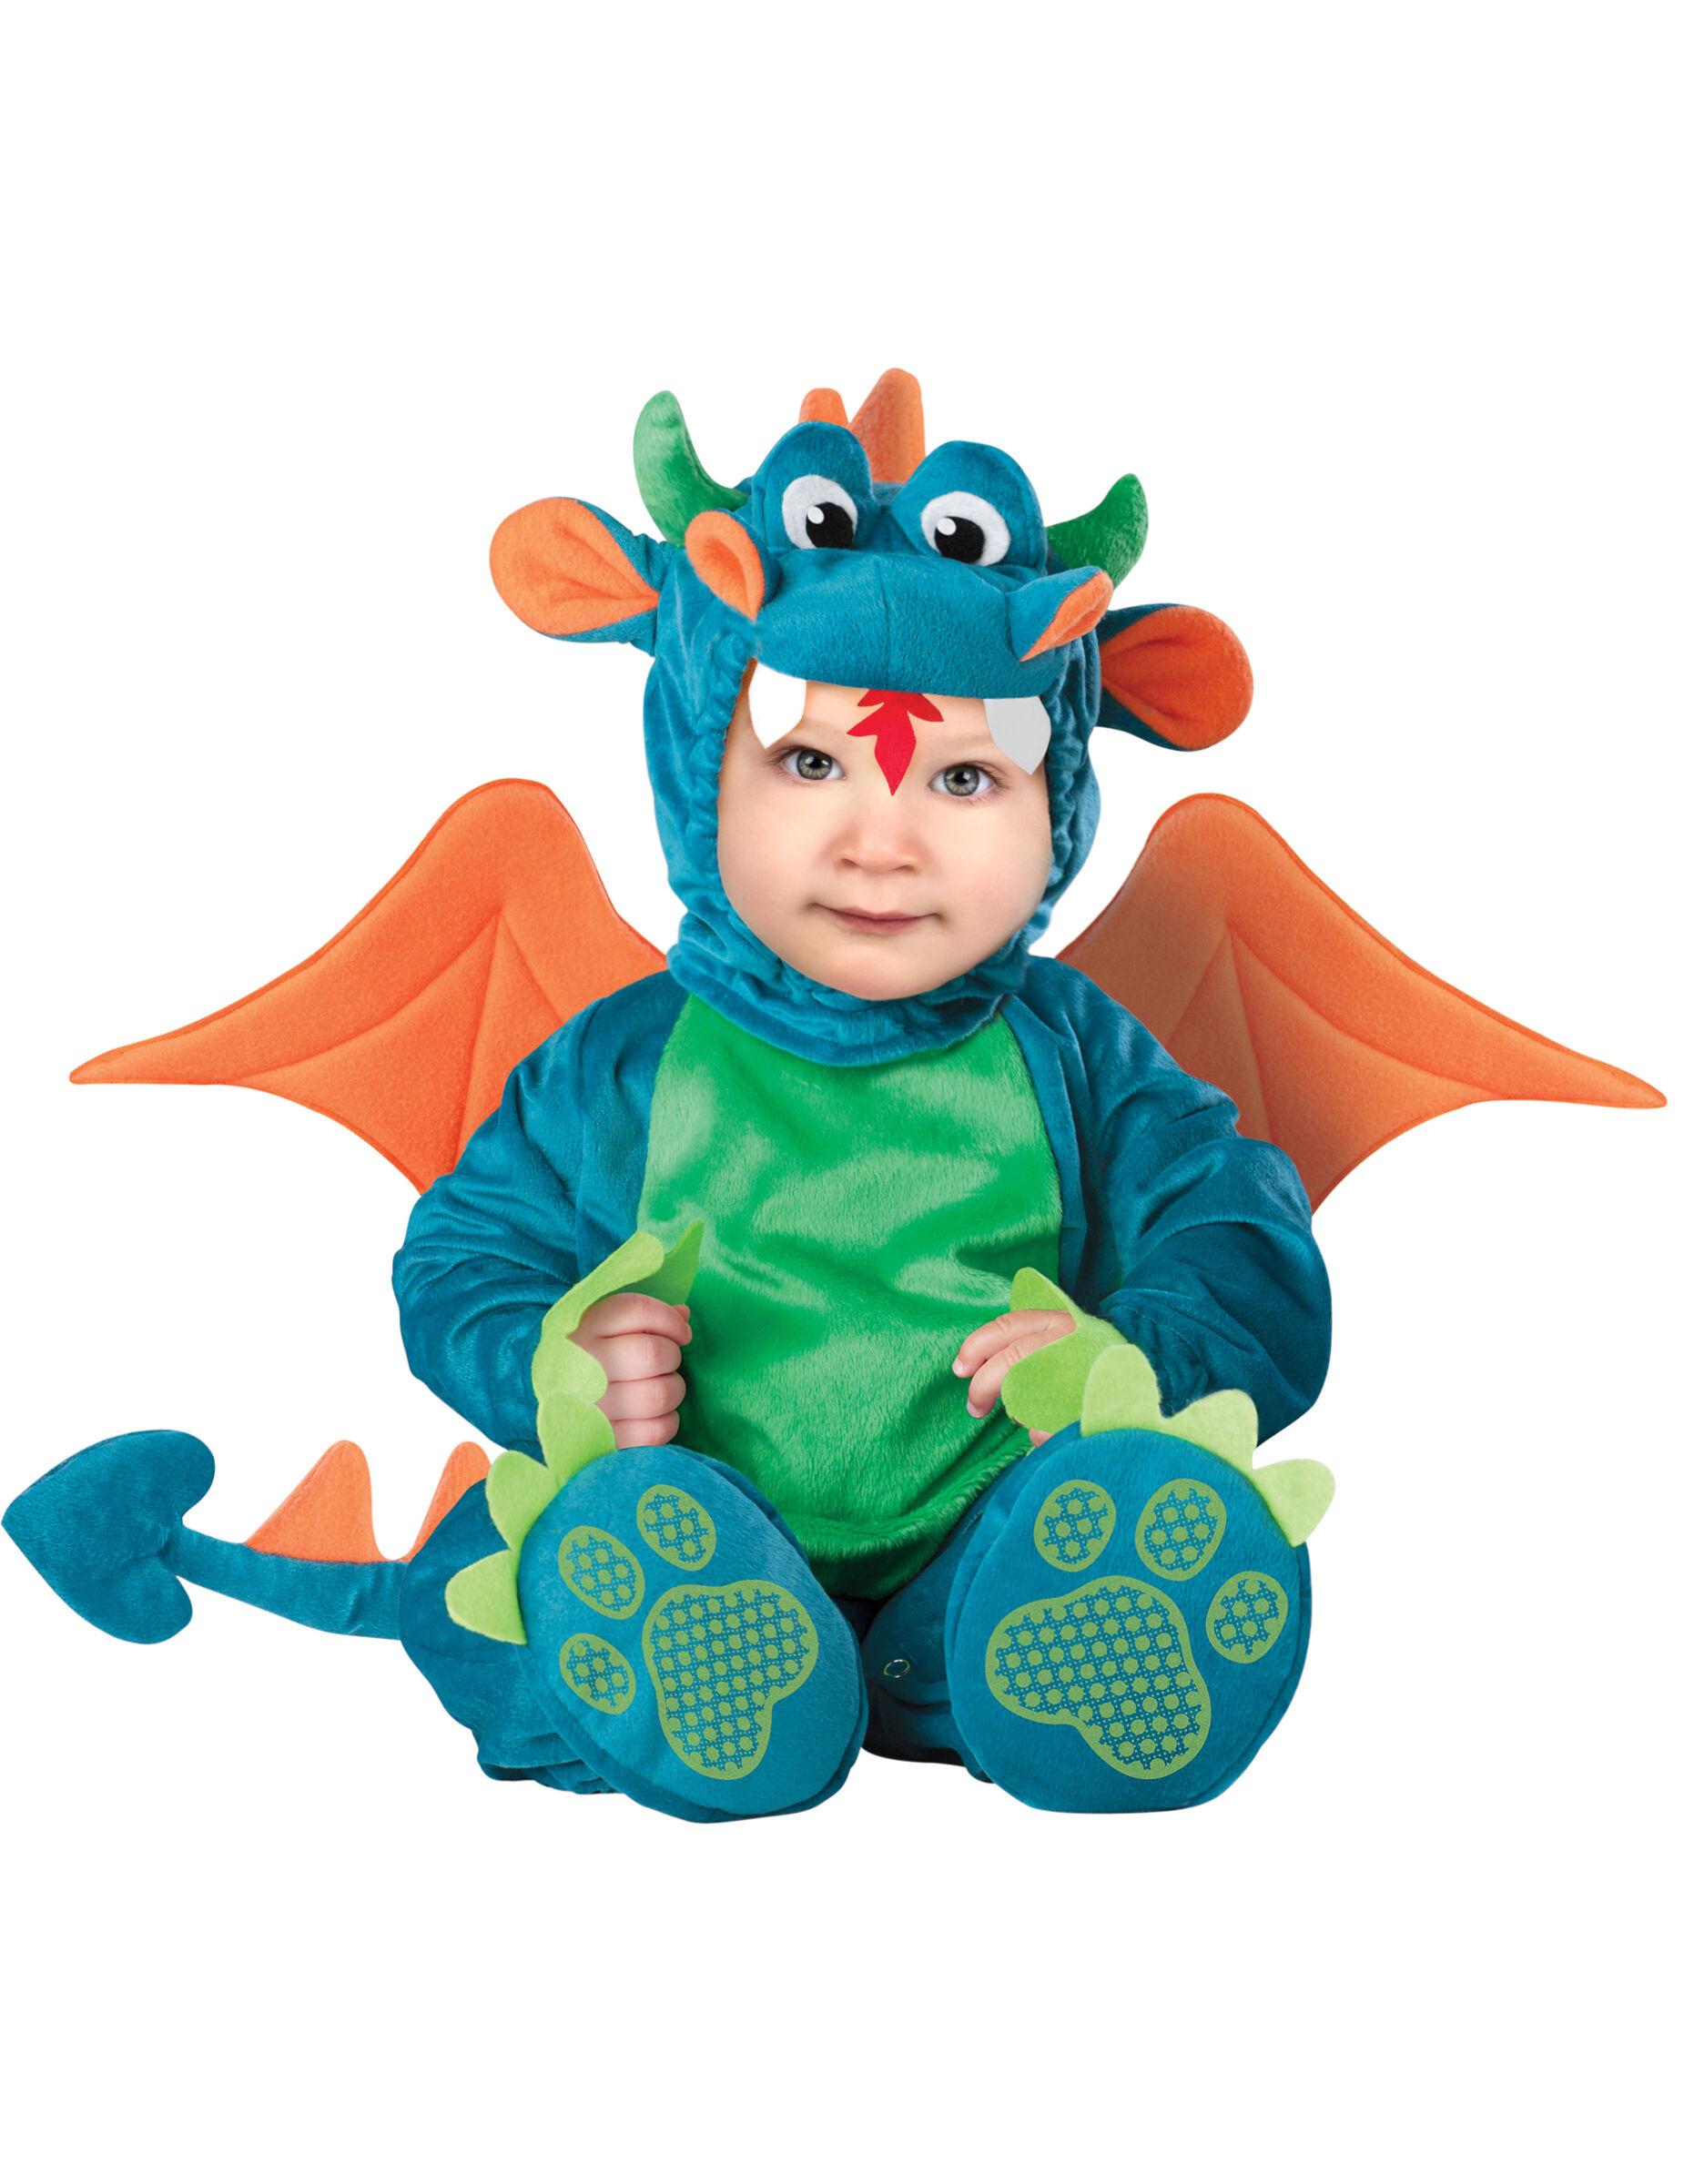 VegaooParty Déguisement Dragon pour bébé - Luxe - Taille: 12-18 mois (74-81 cm)